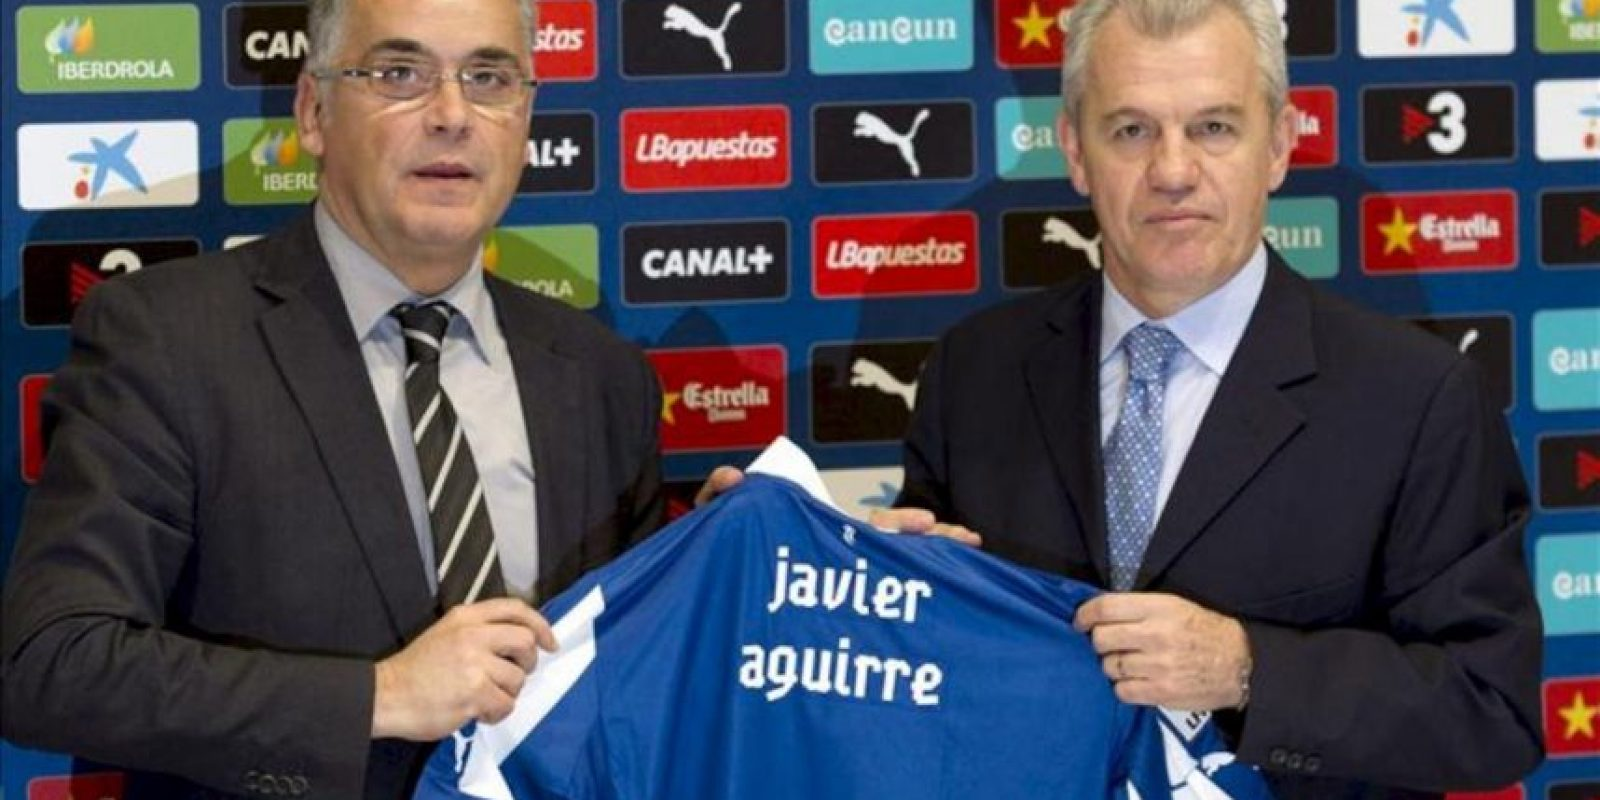 El presidente del RCD Espanyol, Joan Collet (i), junto al mexicano Javier Aguirre durante la rueda de prensa de presentación de Aguirre como nuevo entrenador del club blanquiazul. EFE